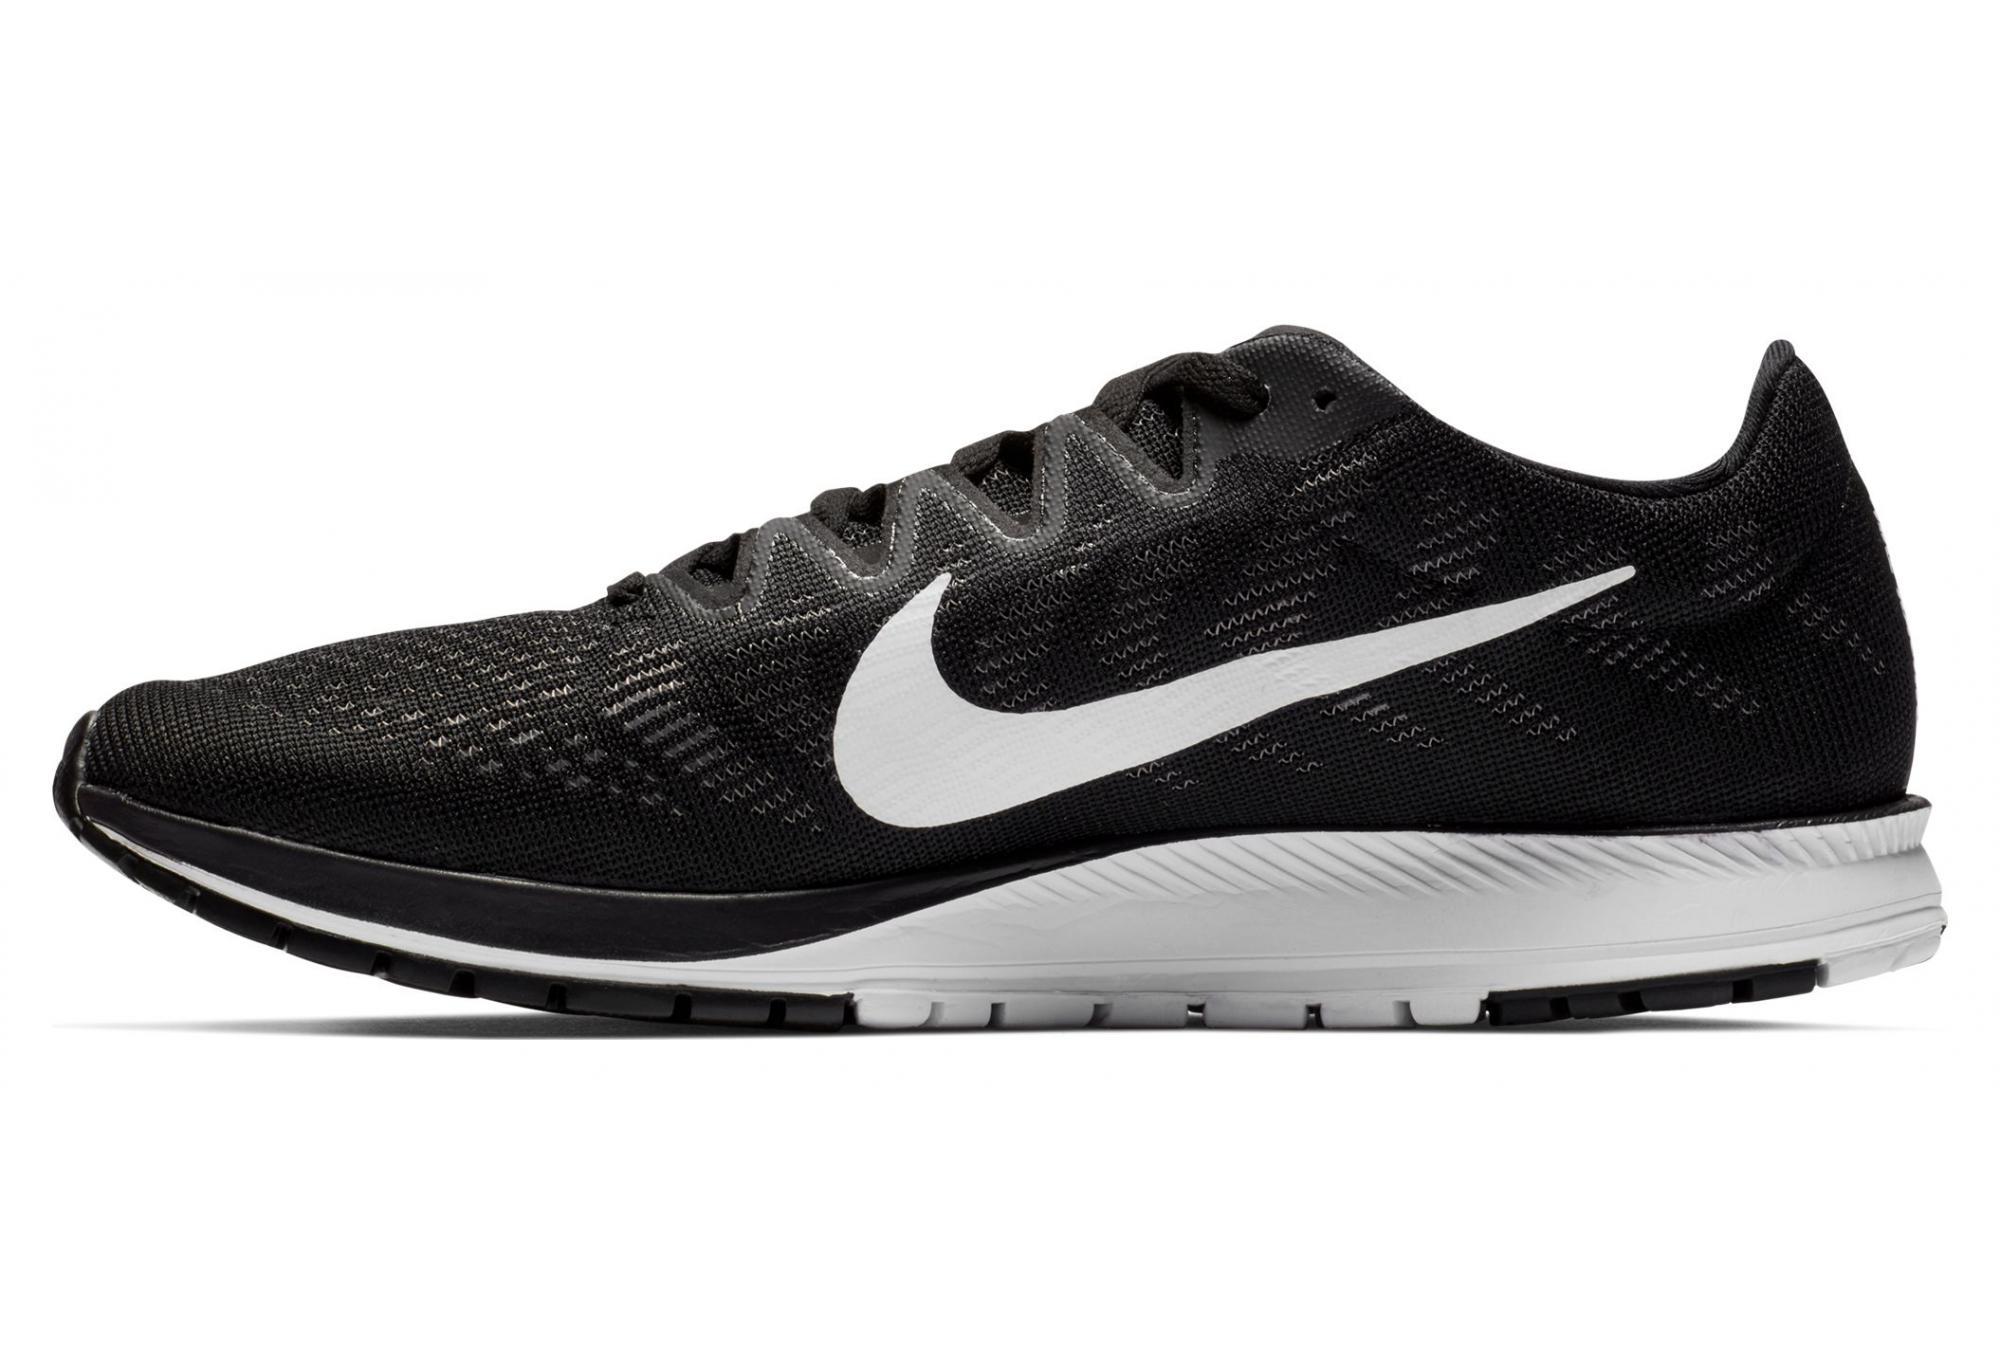 7a3b1774de Chaussures de Running Nike Air Zoom Streak 7 Noir | Alltricks.fr